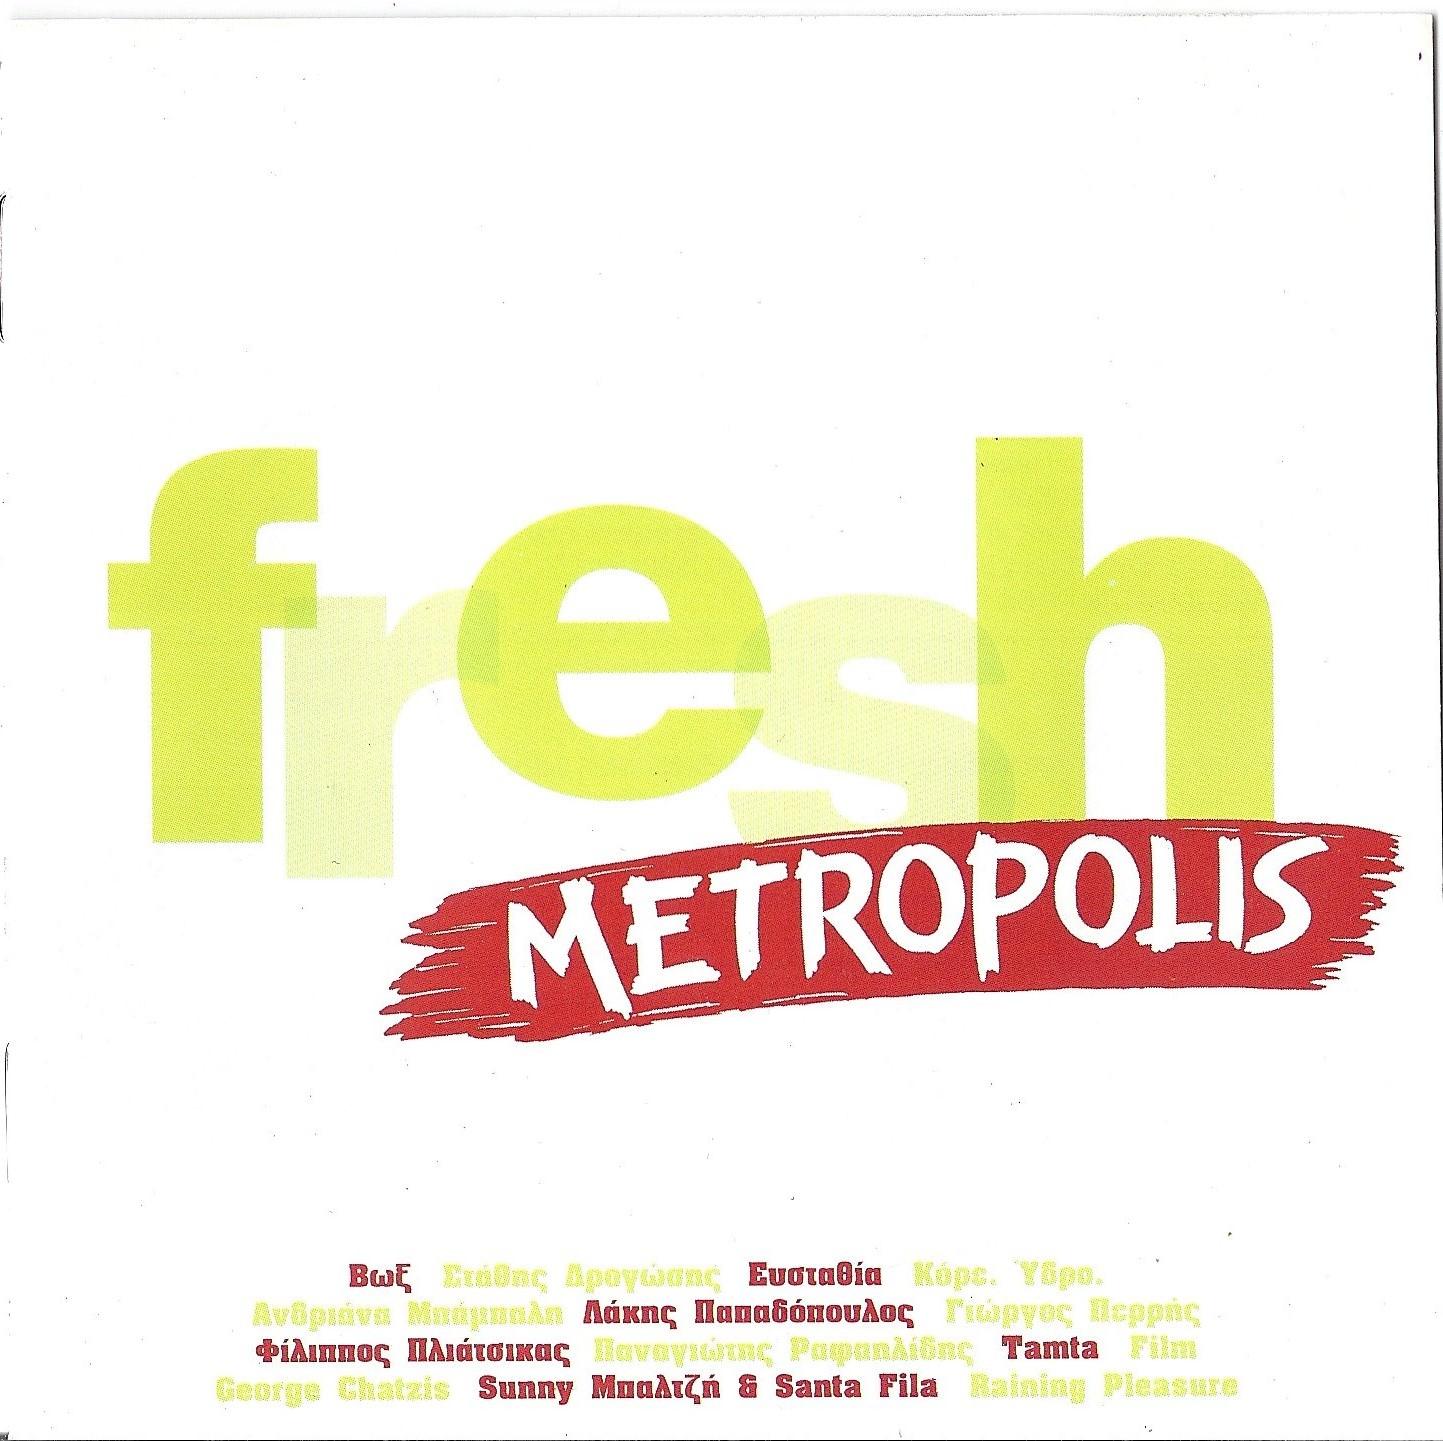 METROPOLIS FRESH 2006